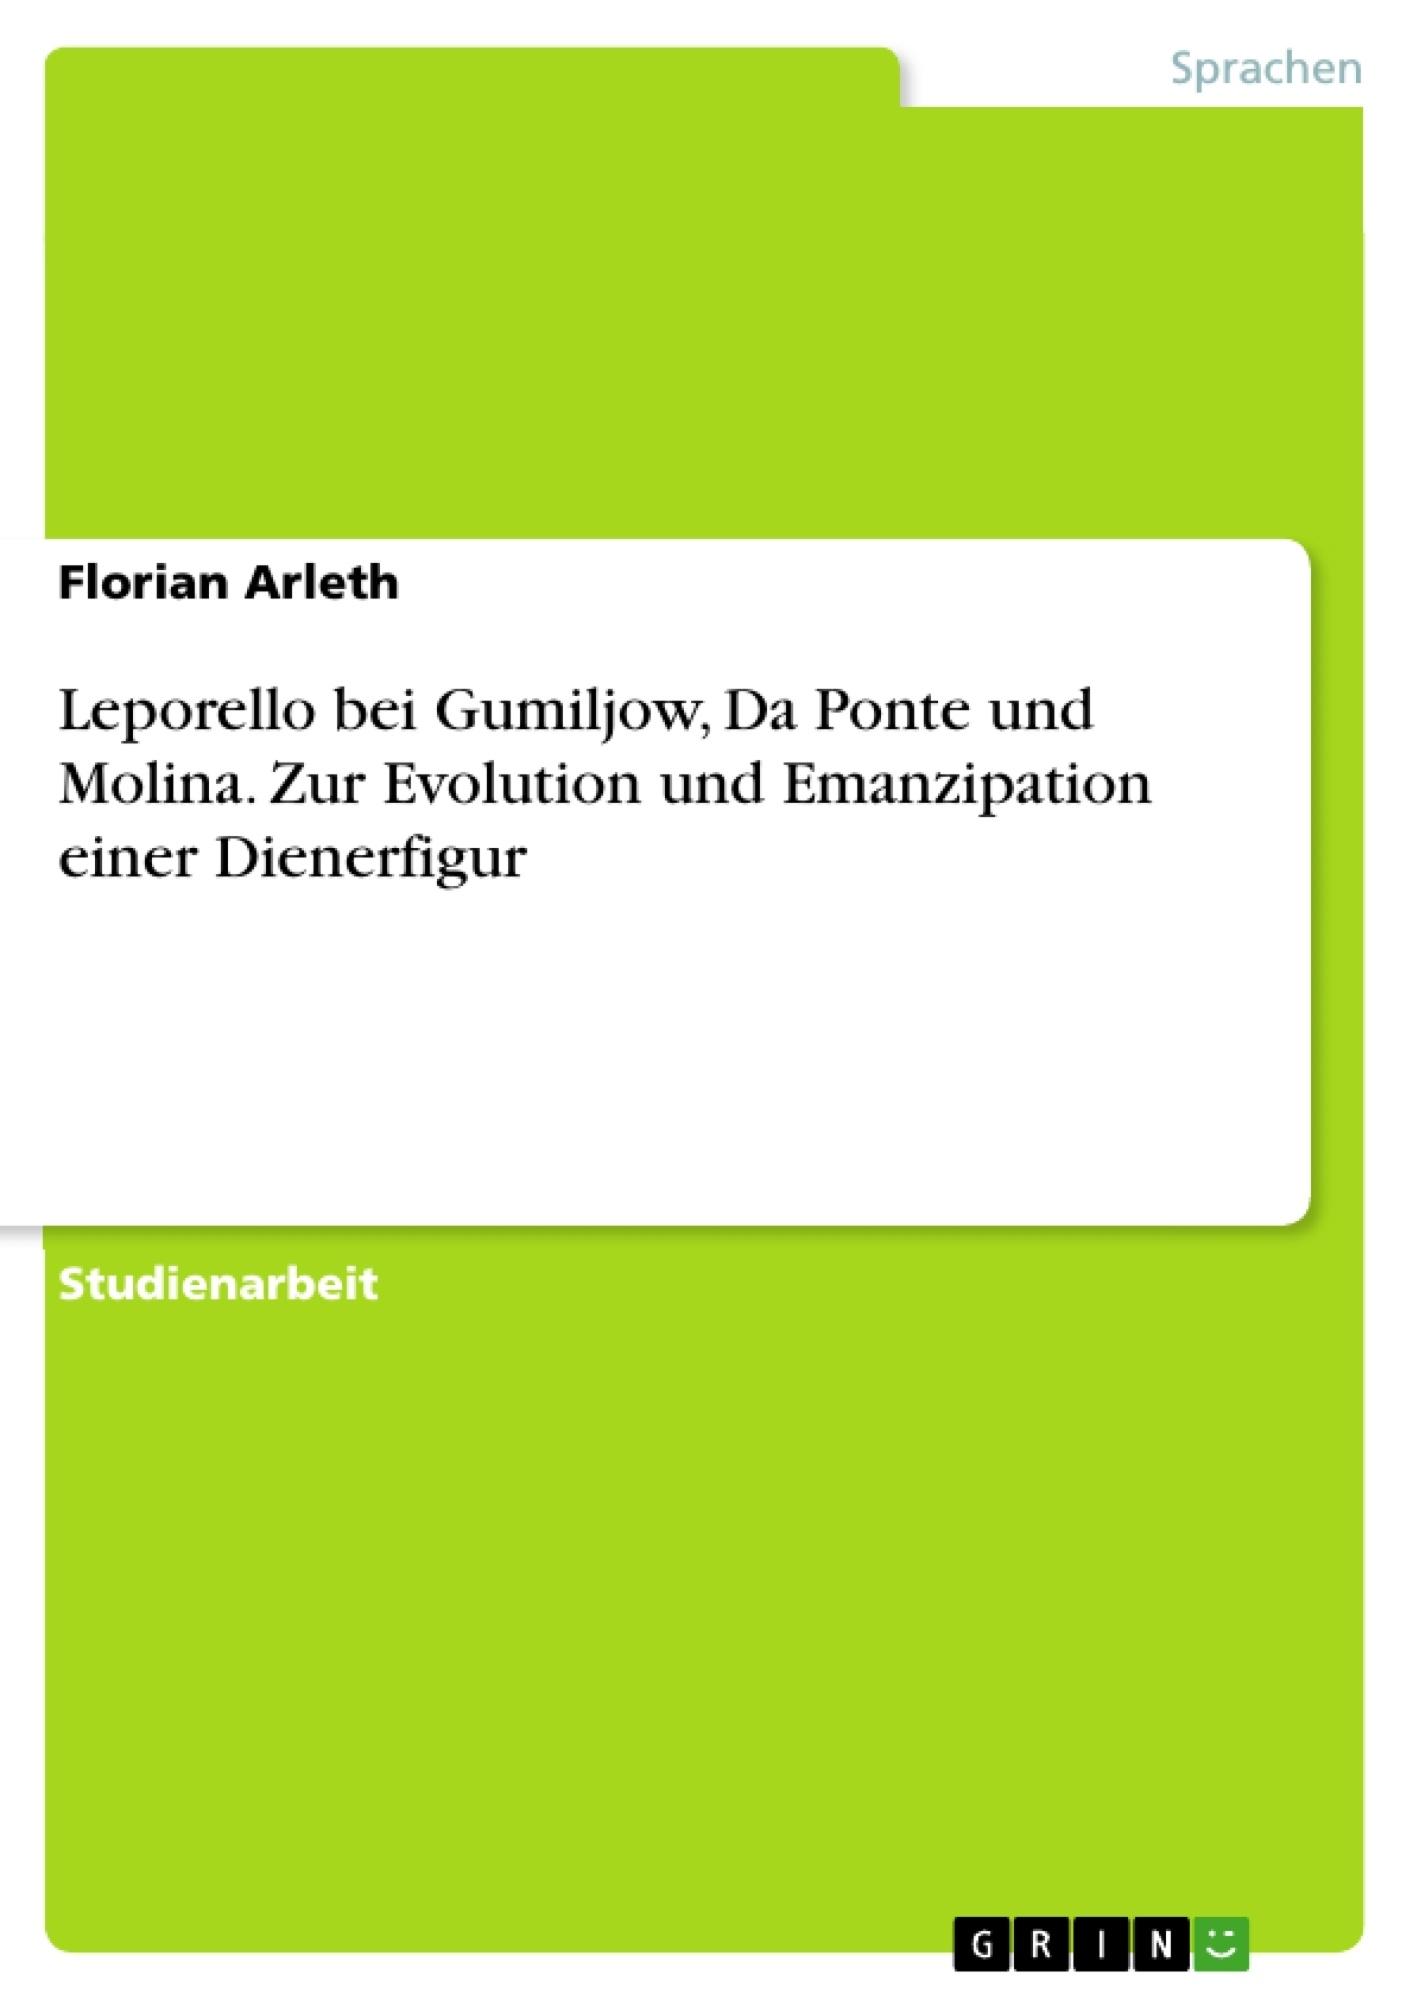 Titel: Leporello bei Gumiljow,  Da Ponte und Molina. Zur Evolution und Emanzipation einer Dienerfigur